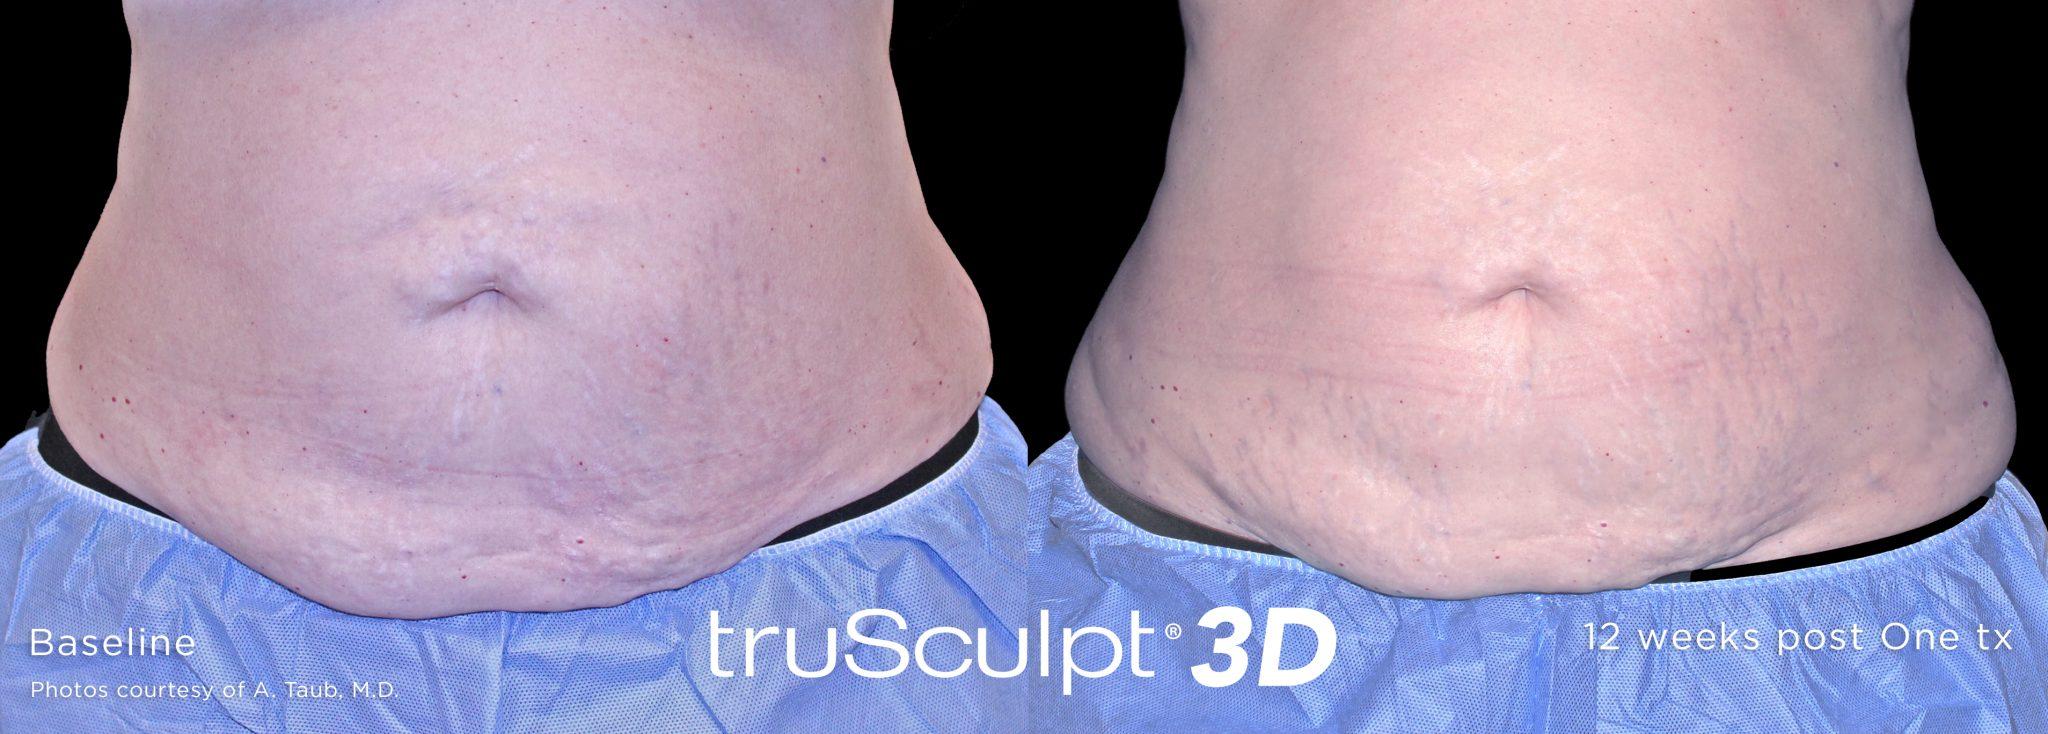 truSculpt_3D_4